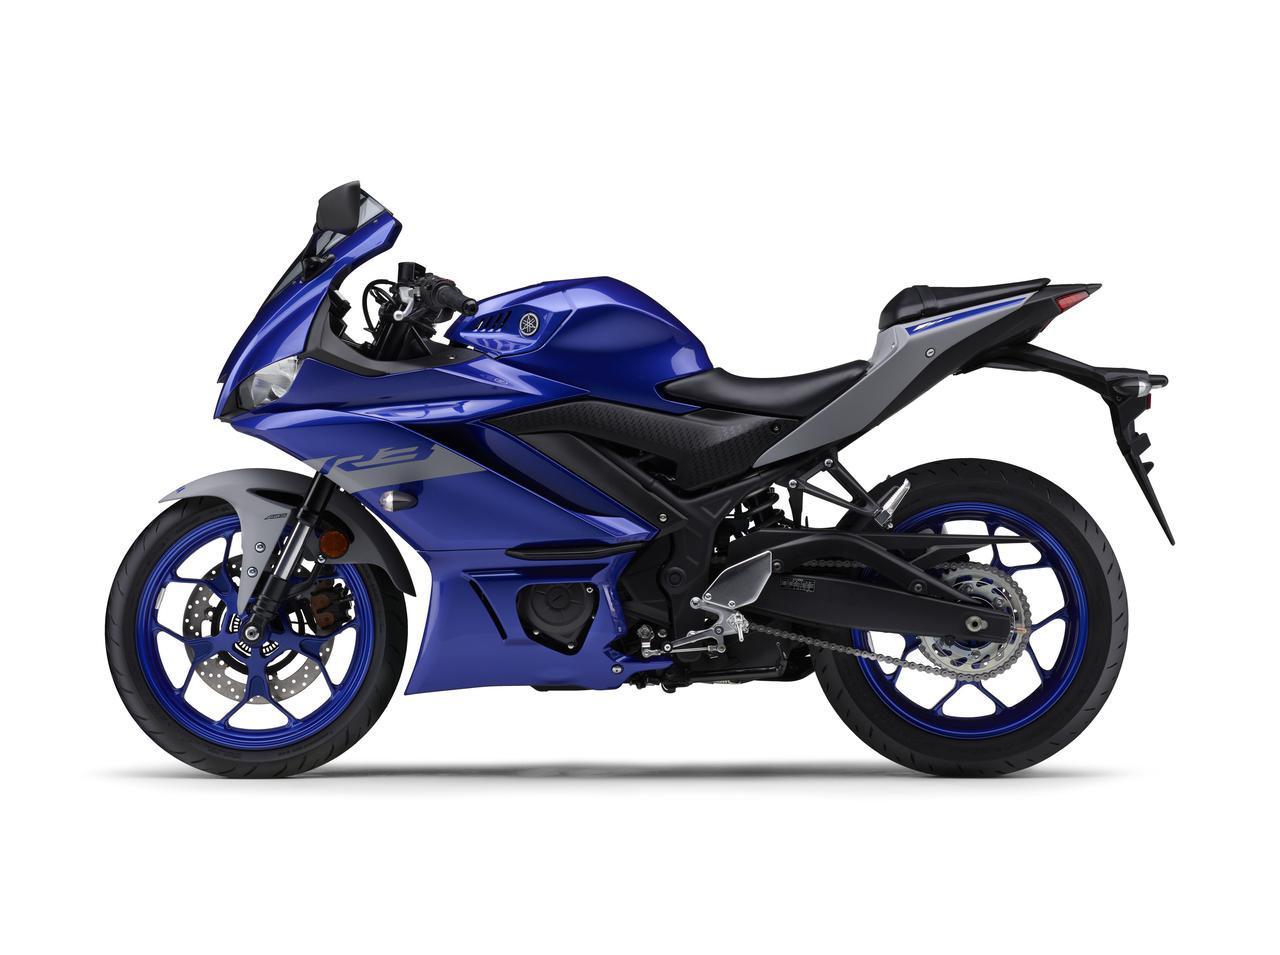 画像10: ヤマハが「YZF-R25」「YZF-R3」の2021年モデルを発売! トレンド色のシアンを初採用